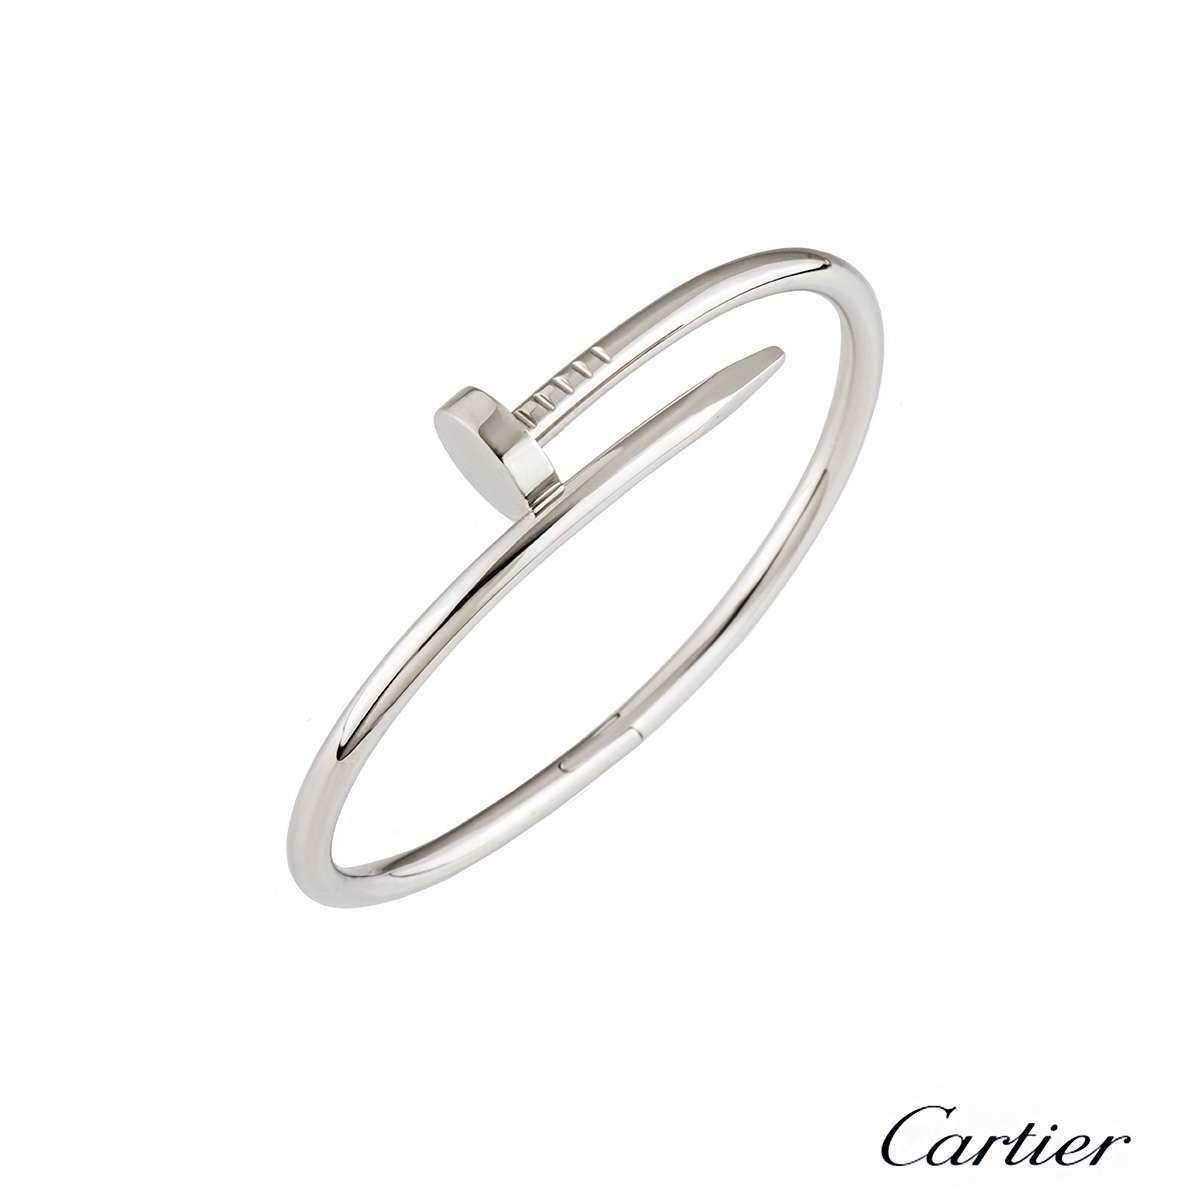 Cartier White Gold Juste Un Clou Bracelet Size 16 B6048316